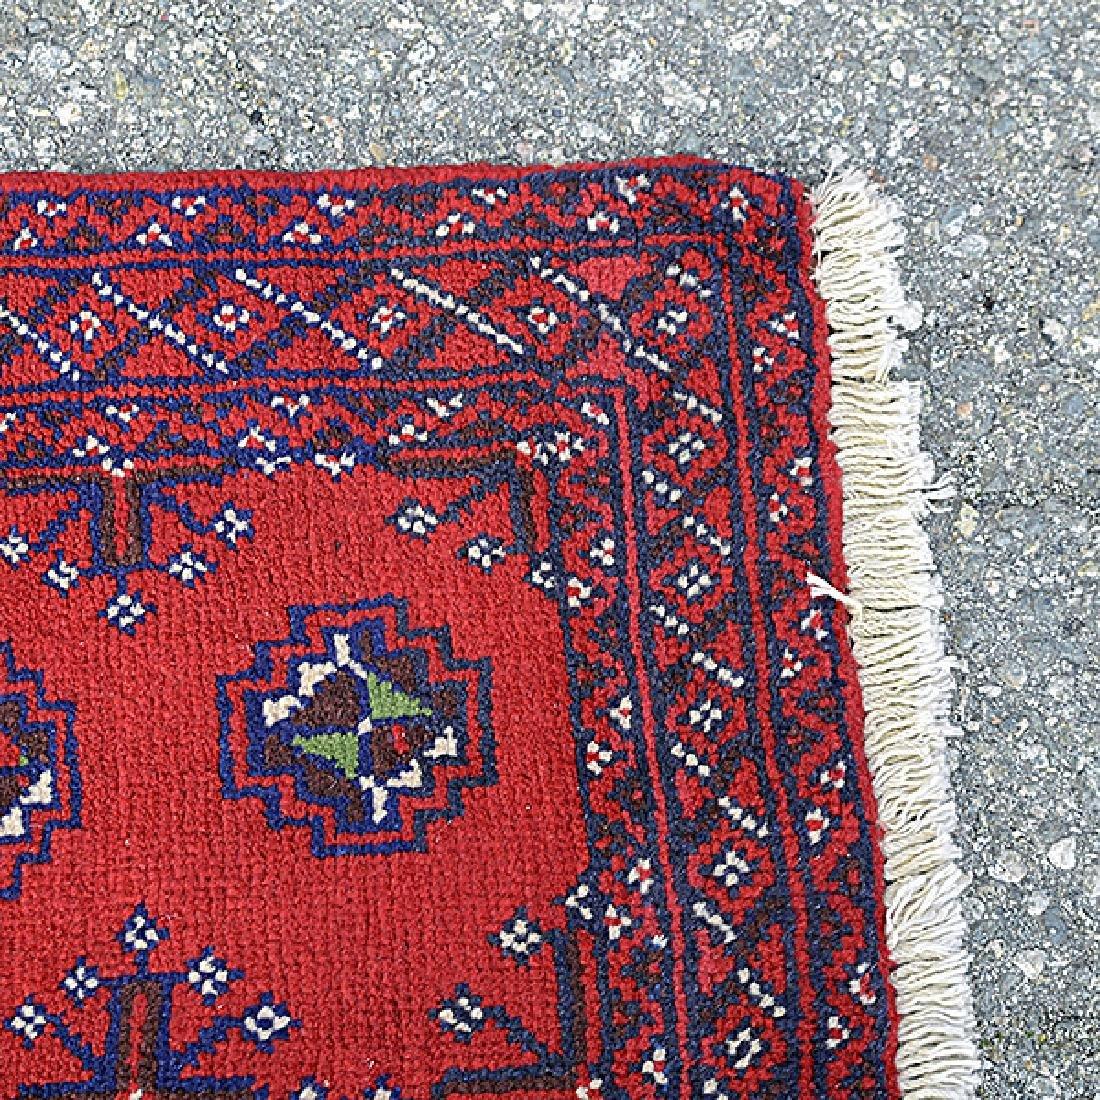 Beshir Carpet: 5 feet x 9 feet 8 inches - 2